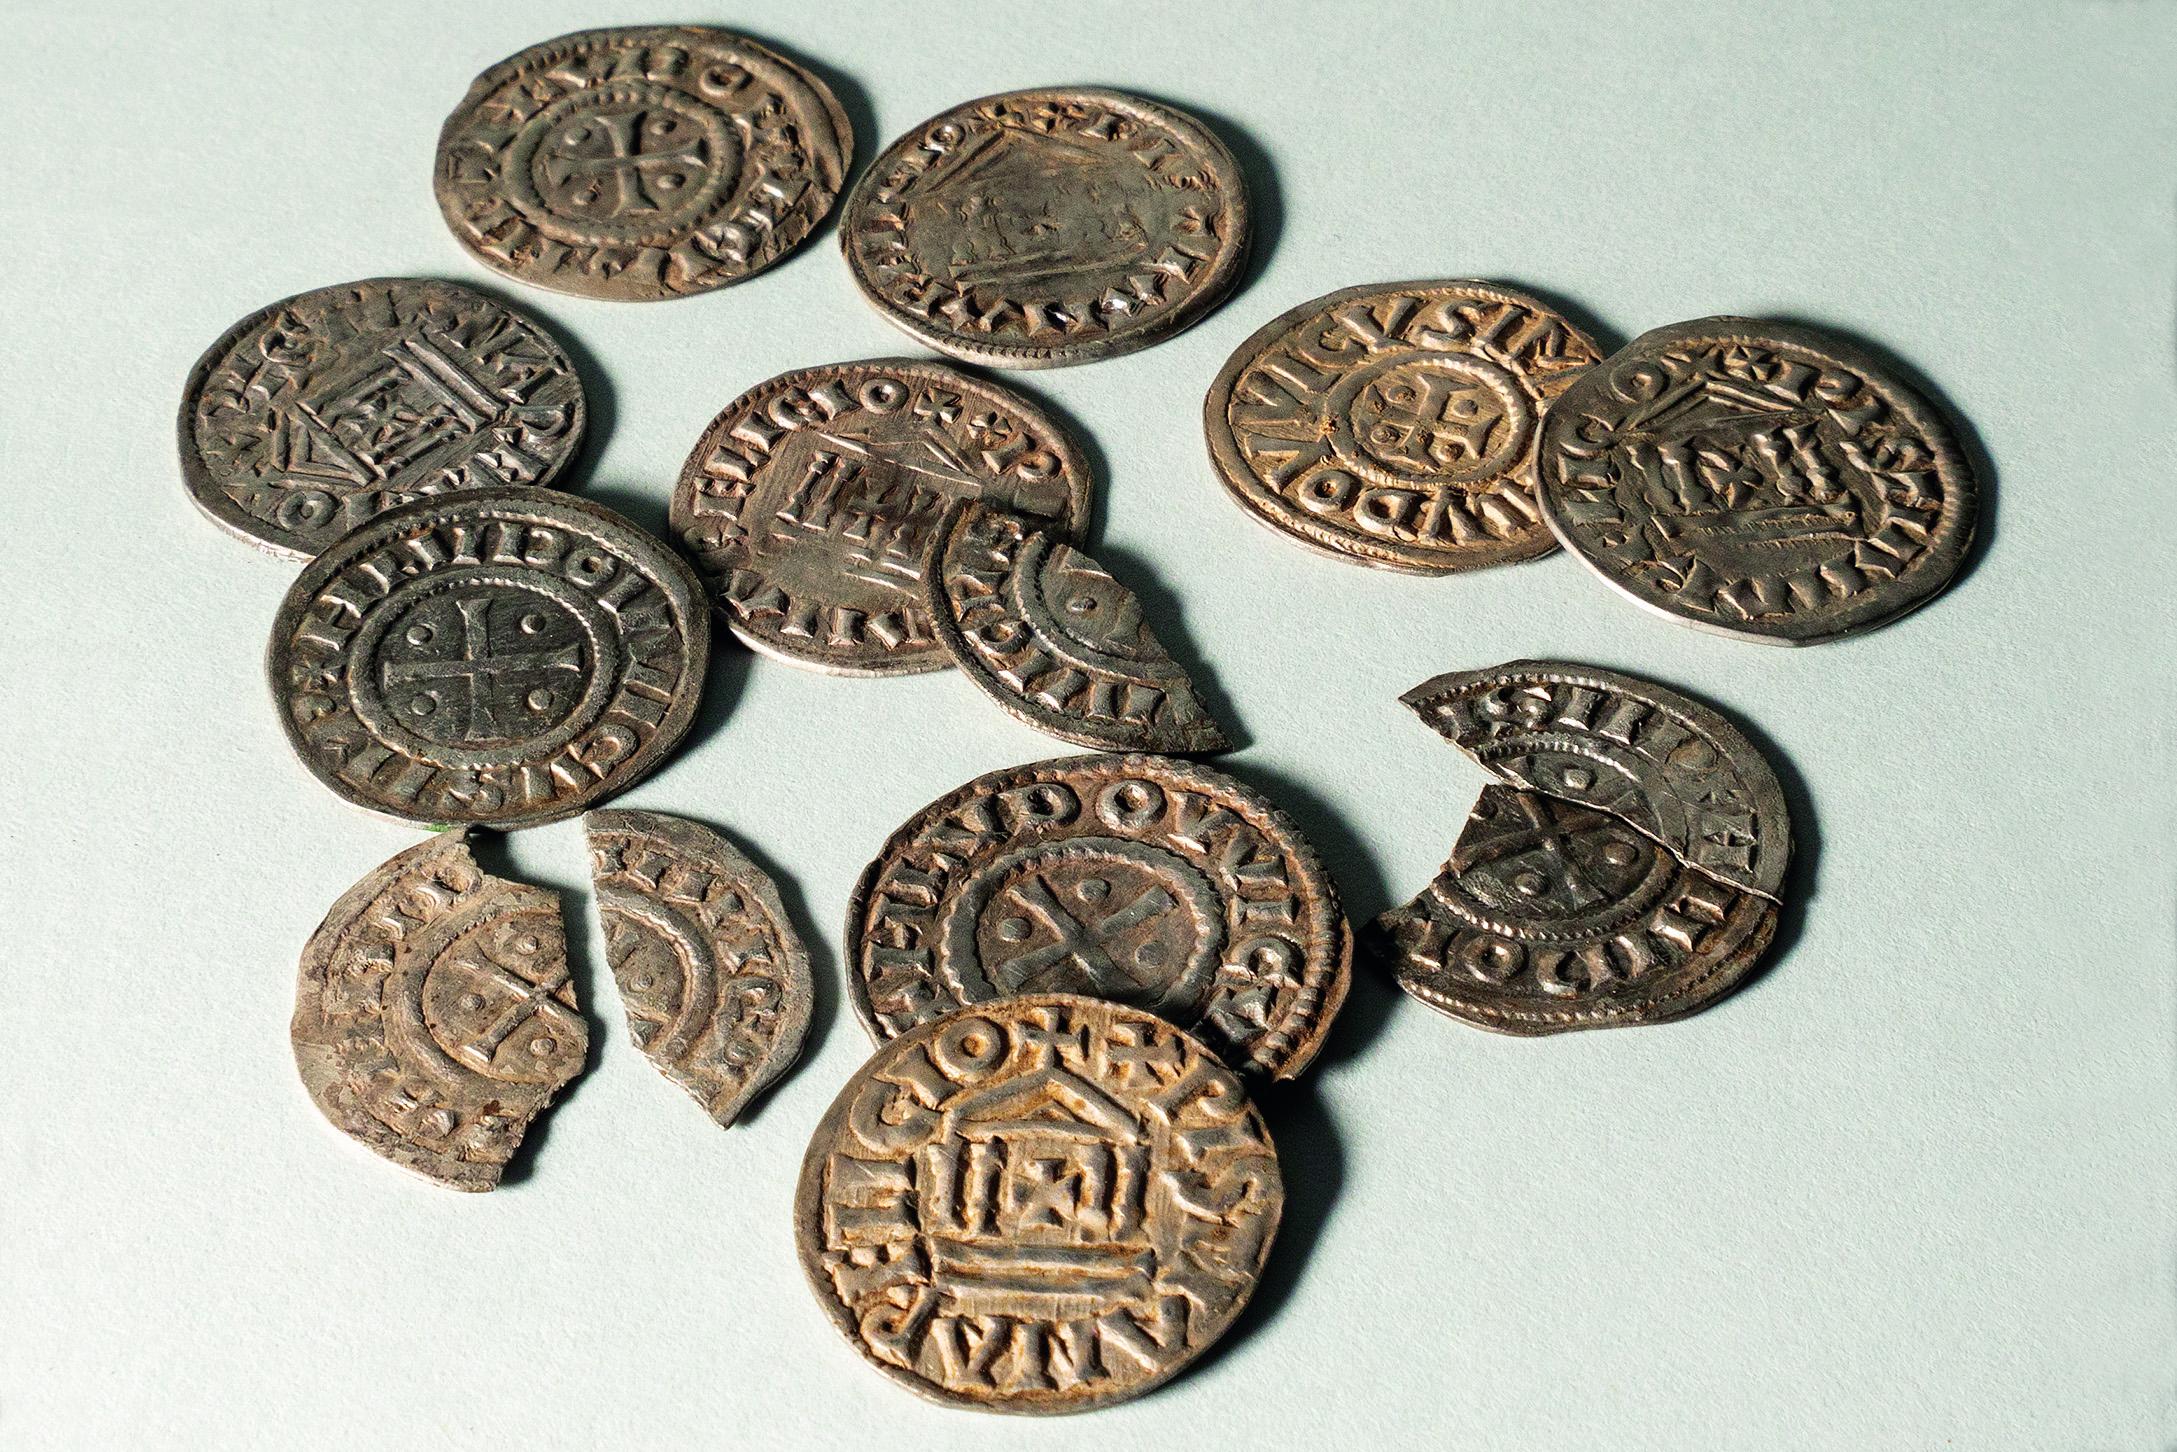 Zwölf silberne Denare (Dm. ca. 2,1 cm), geprägt in den Jahren 822/823–840 unter Ludwig dem Frommen, gefunden auf dem Horn bei Pratteln. Foto: Archäologie Baselland.